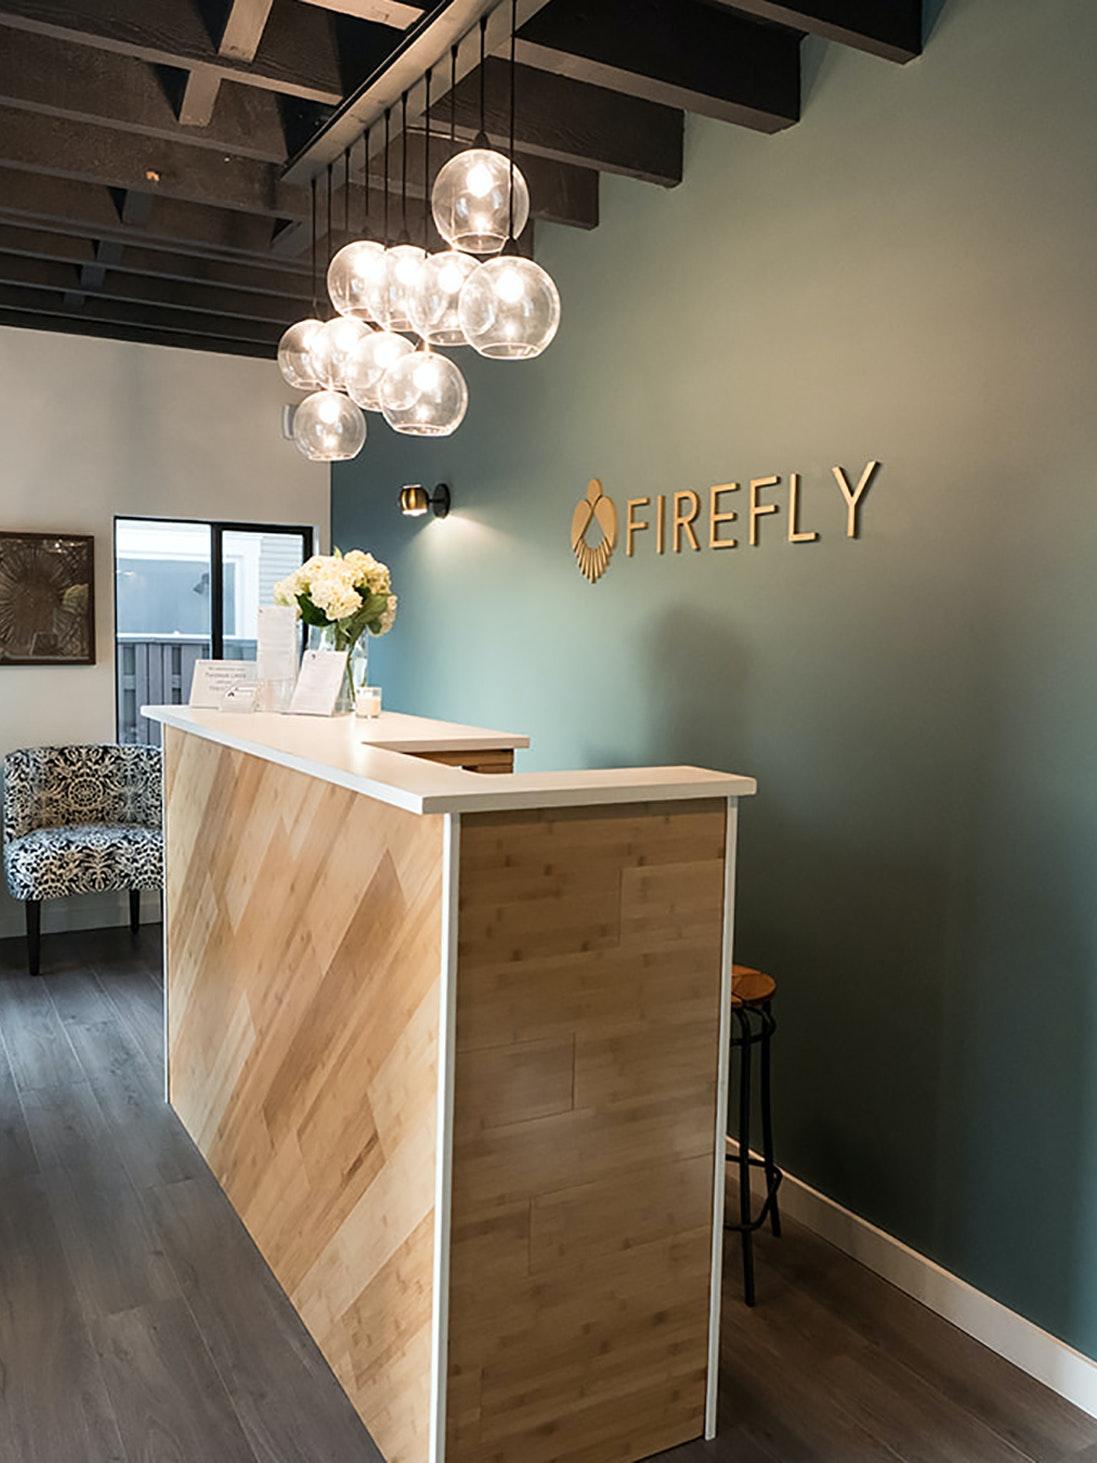 Firefly Wellness Day Spa